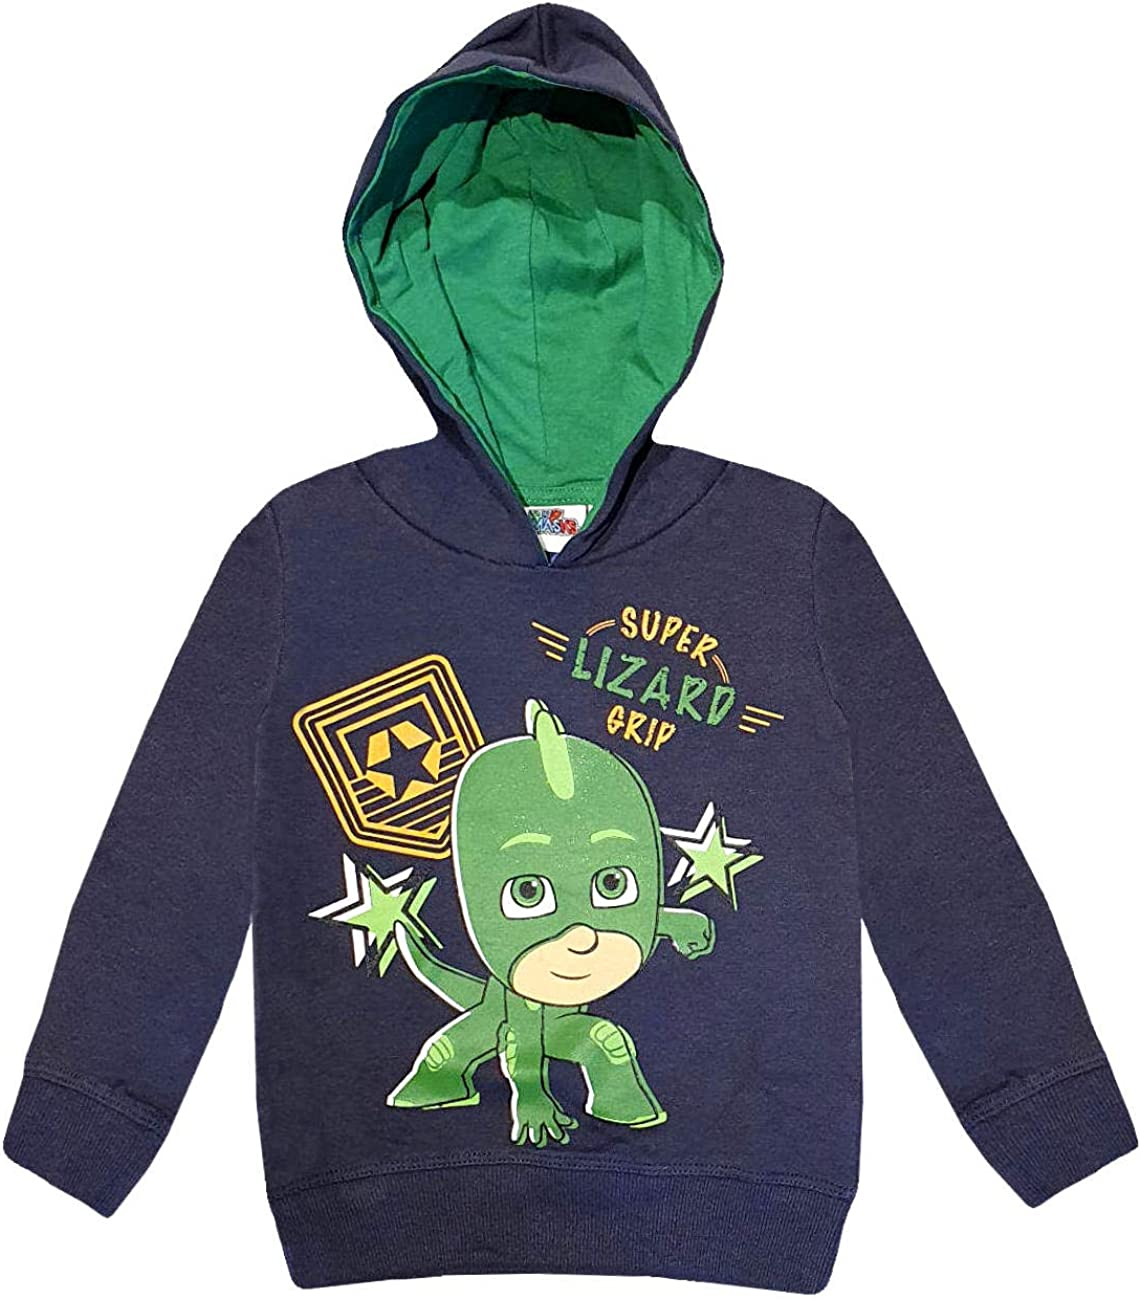 PJ Masks Boys (2-8) Hoodie Sweatshirt Gekko Super Lizard Grip - Grey - 6 Years